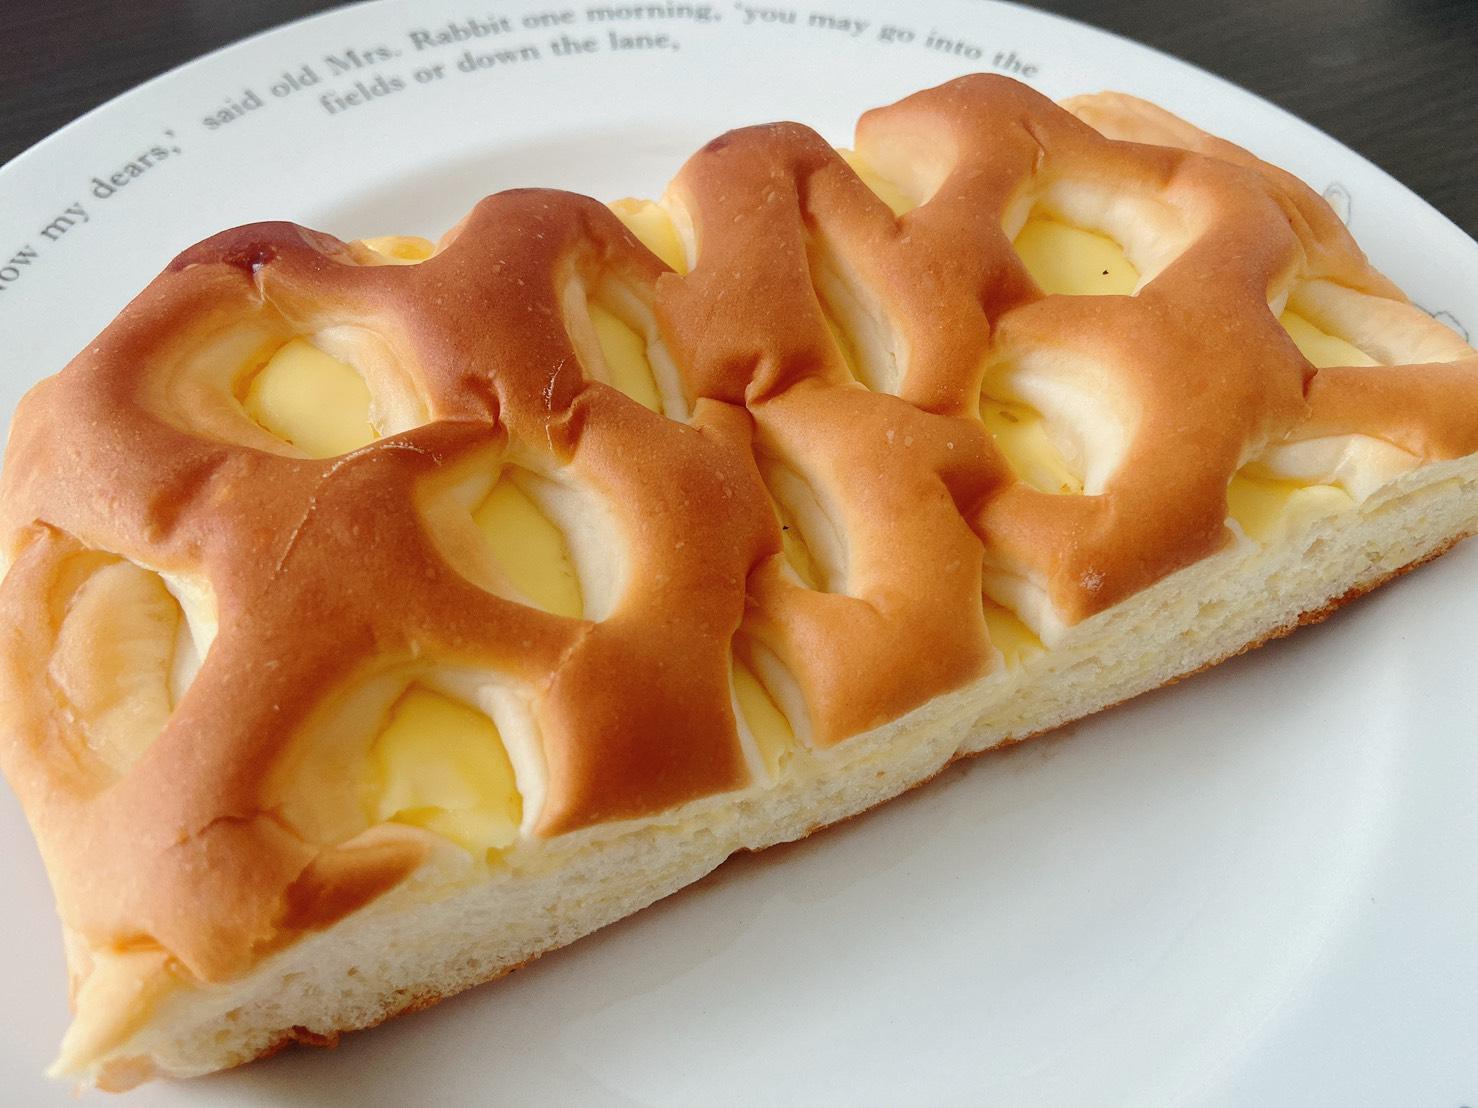 【新発売】ファミマの新作パン!「クリームチーズ入りクリーム」って!?【食レポ】_2